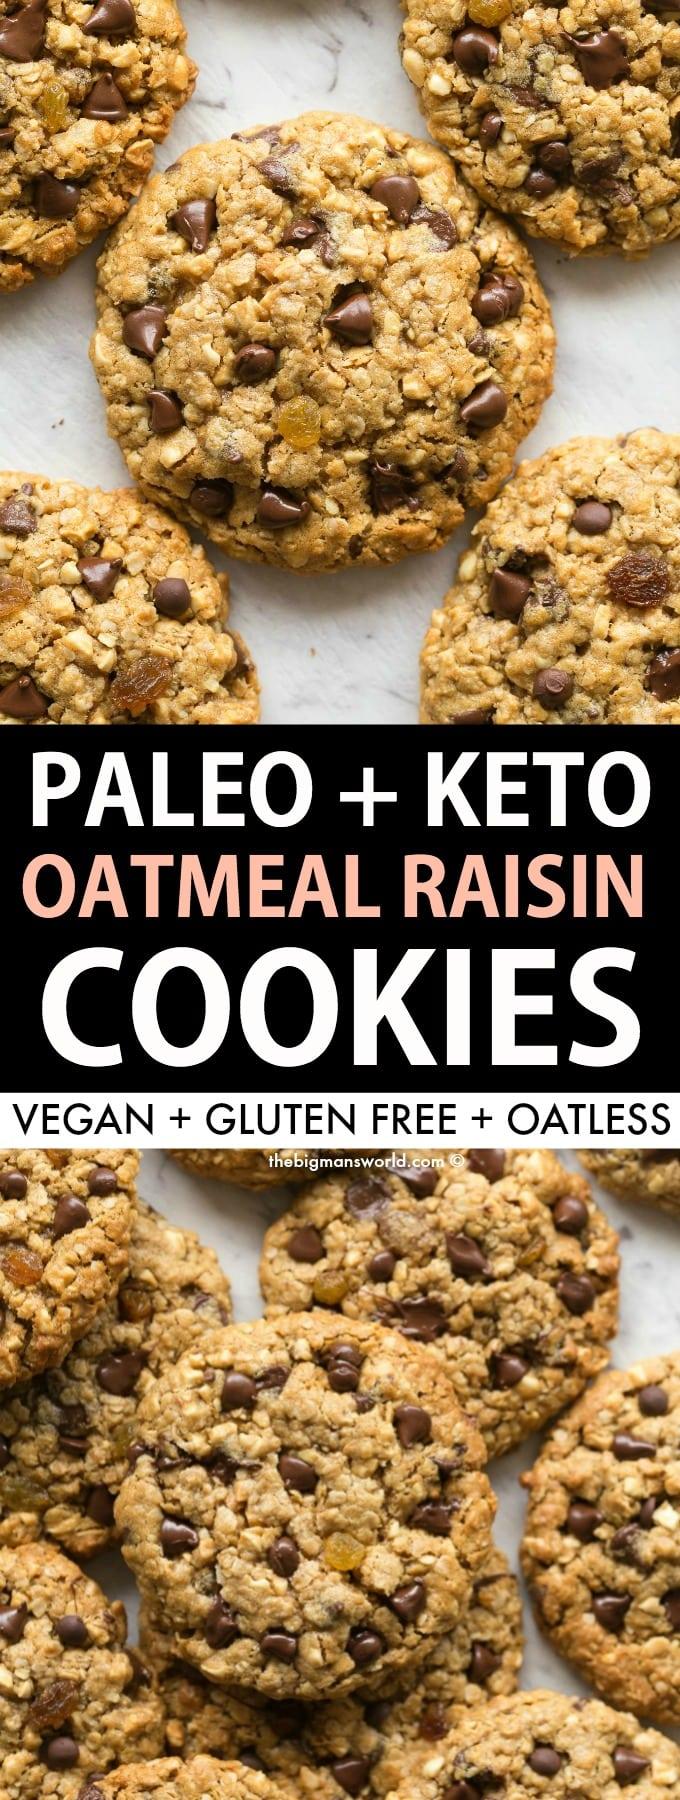 Easy paleo and keto oatmeal raisin cookies- Noatmeal cookies!